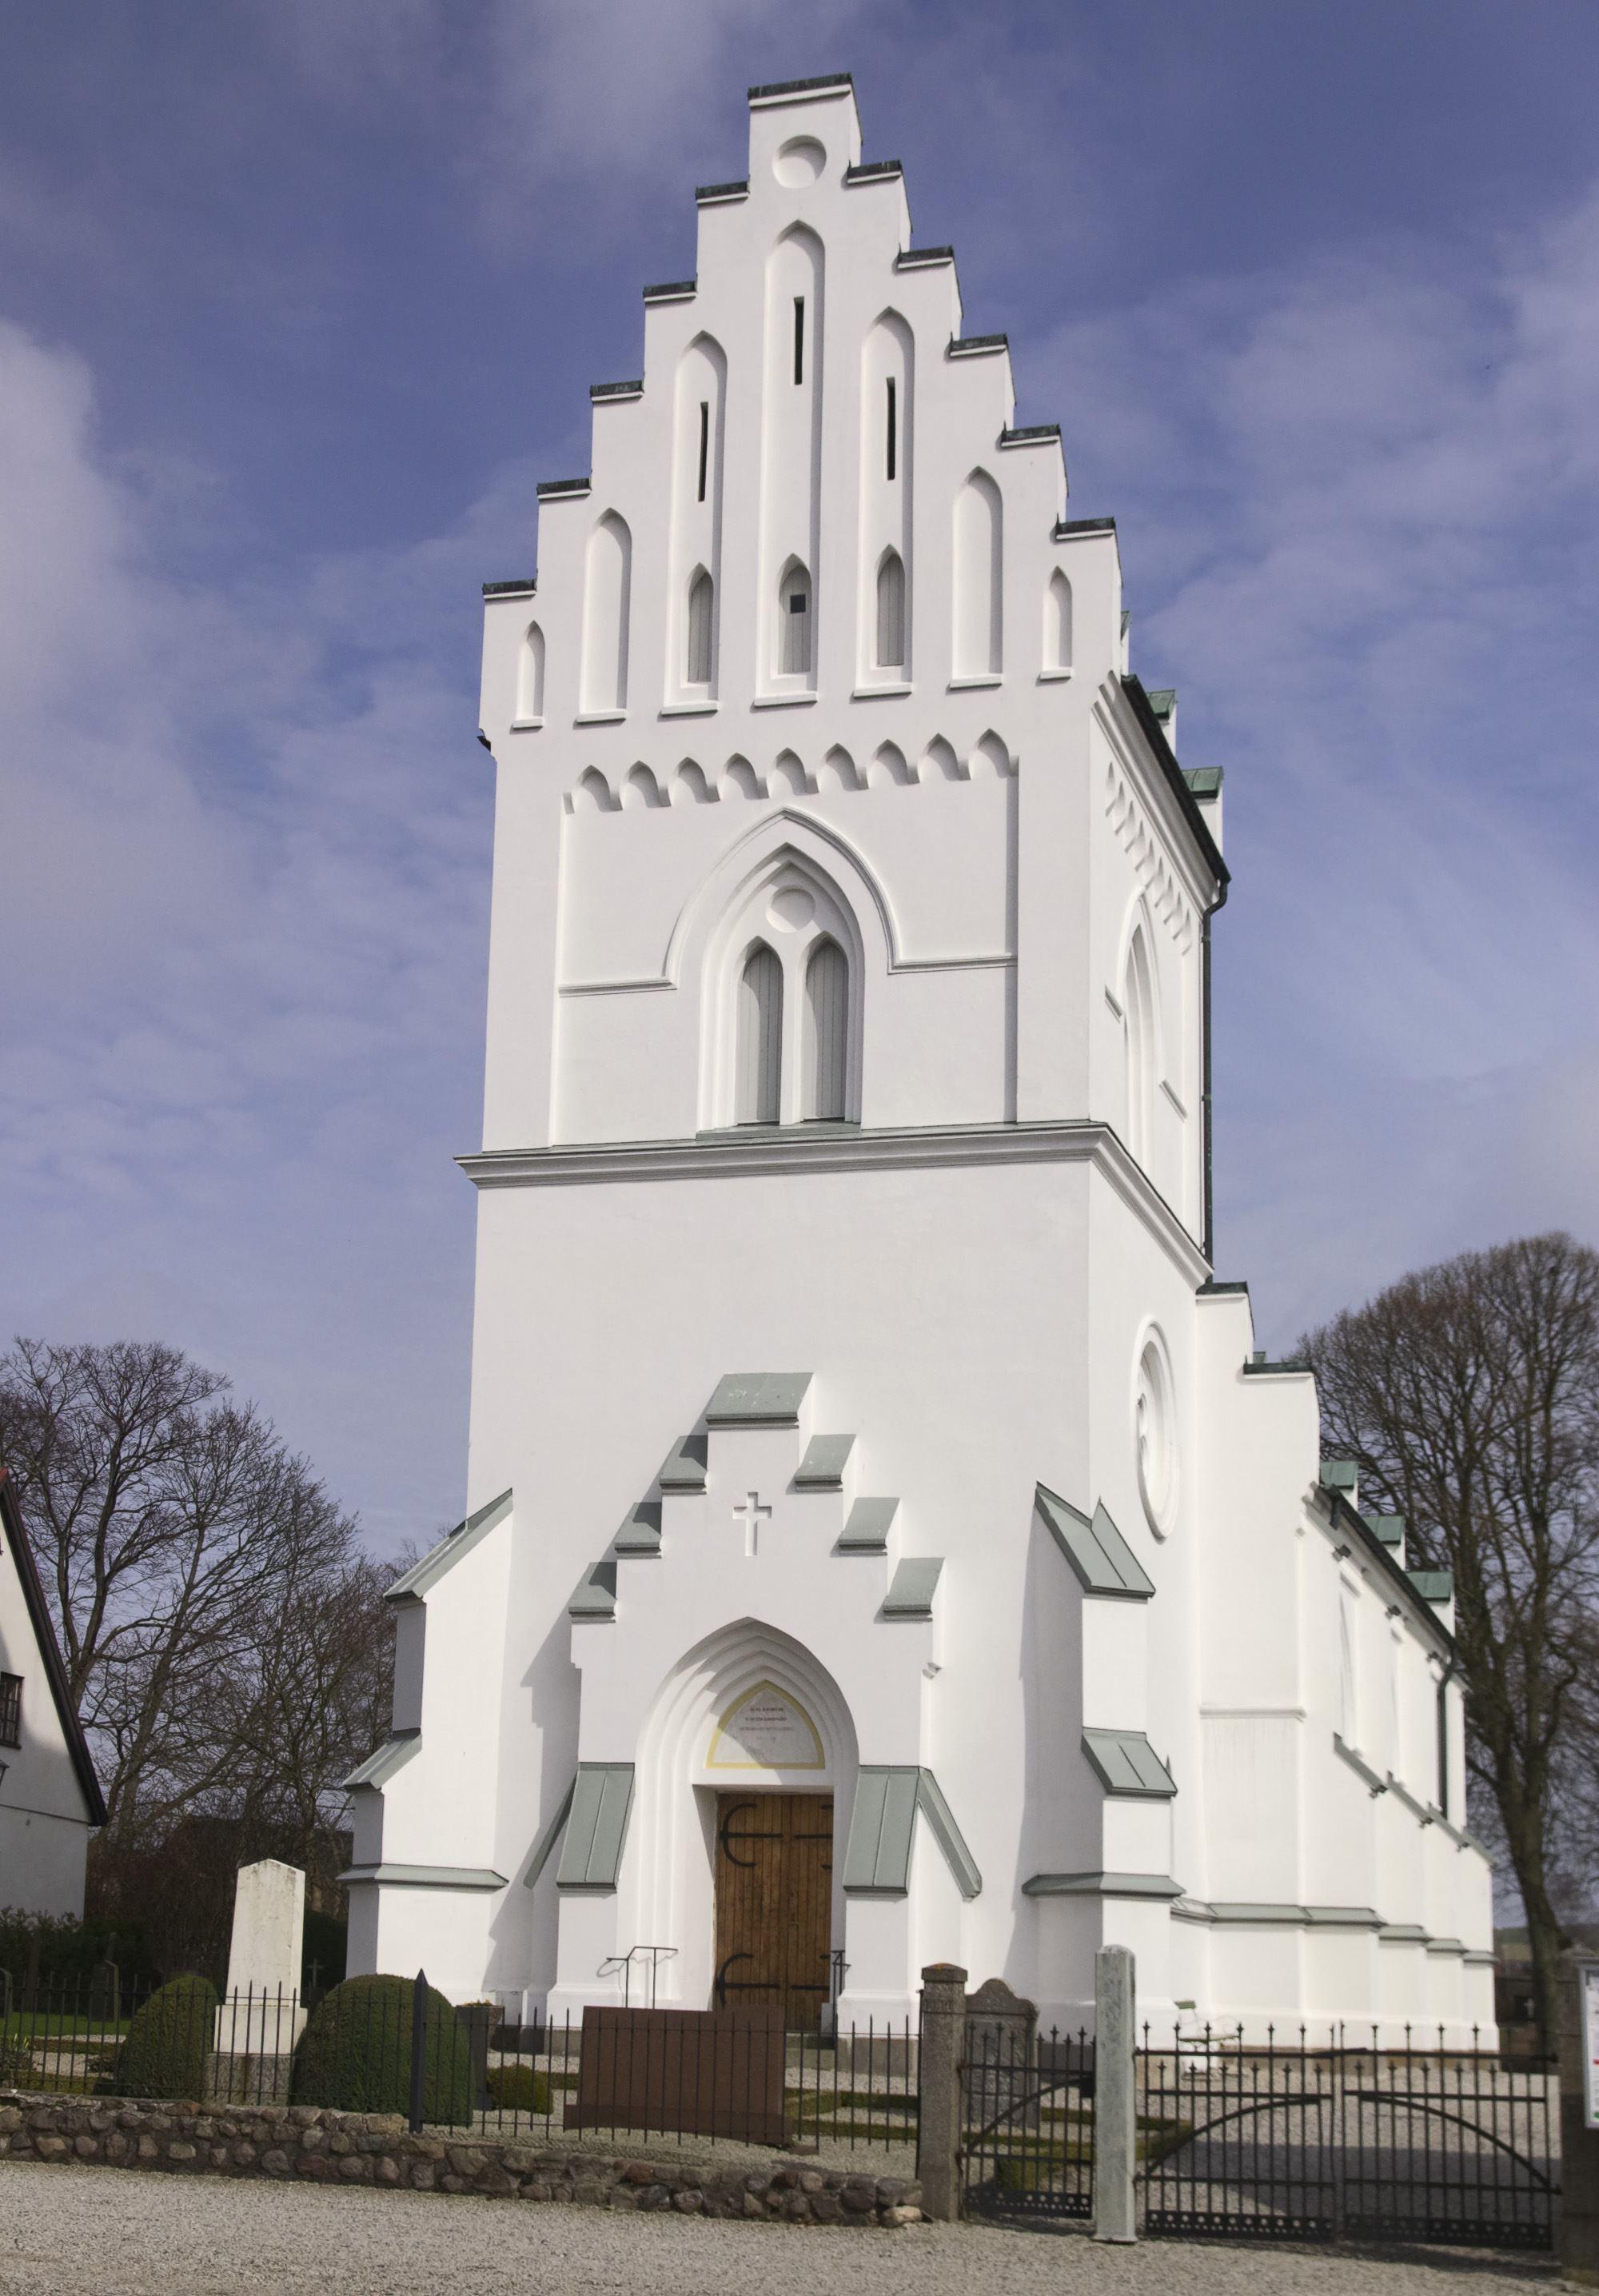 Arrie's church